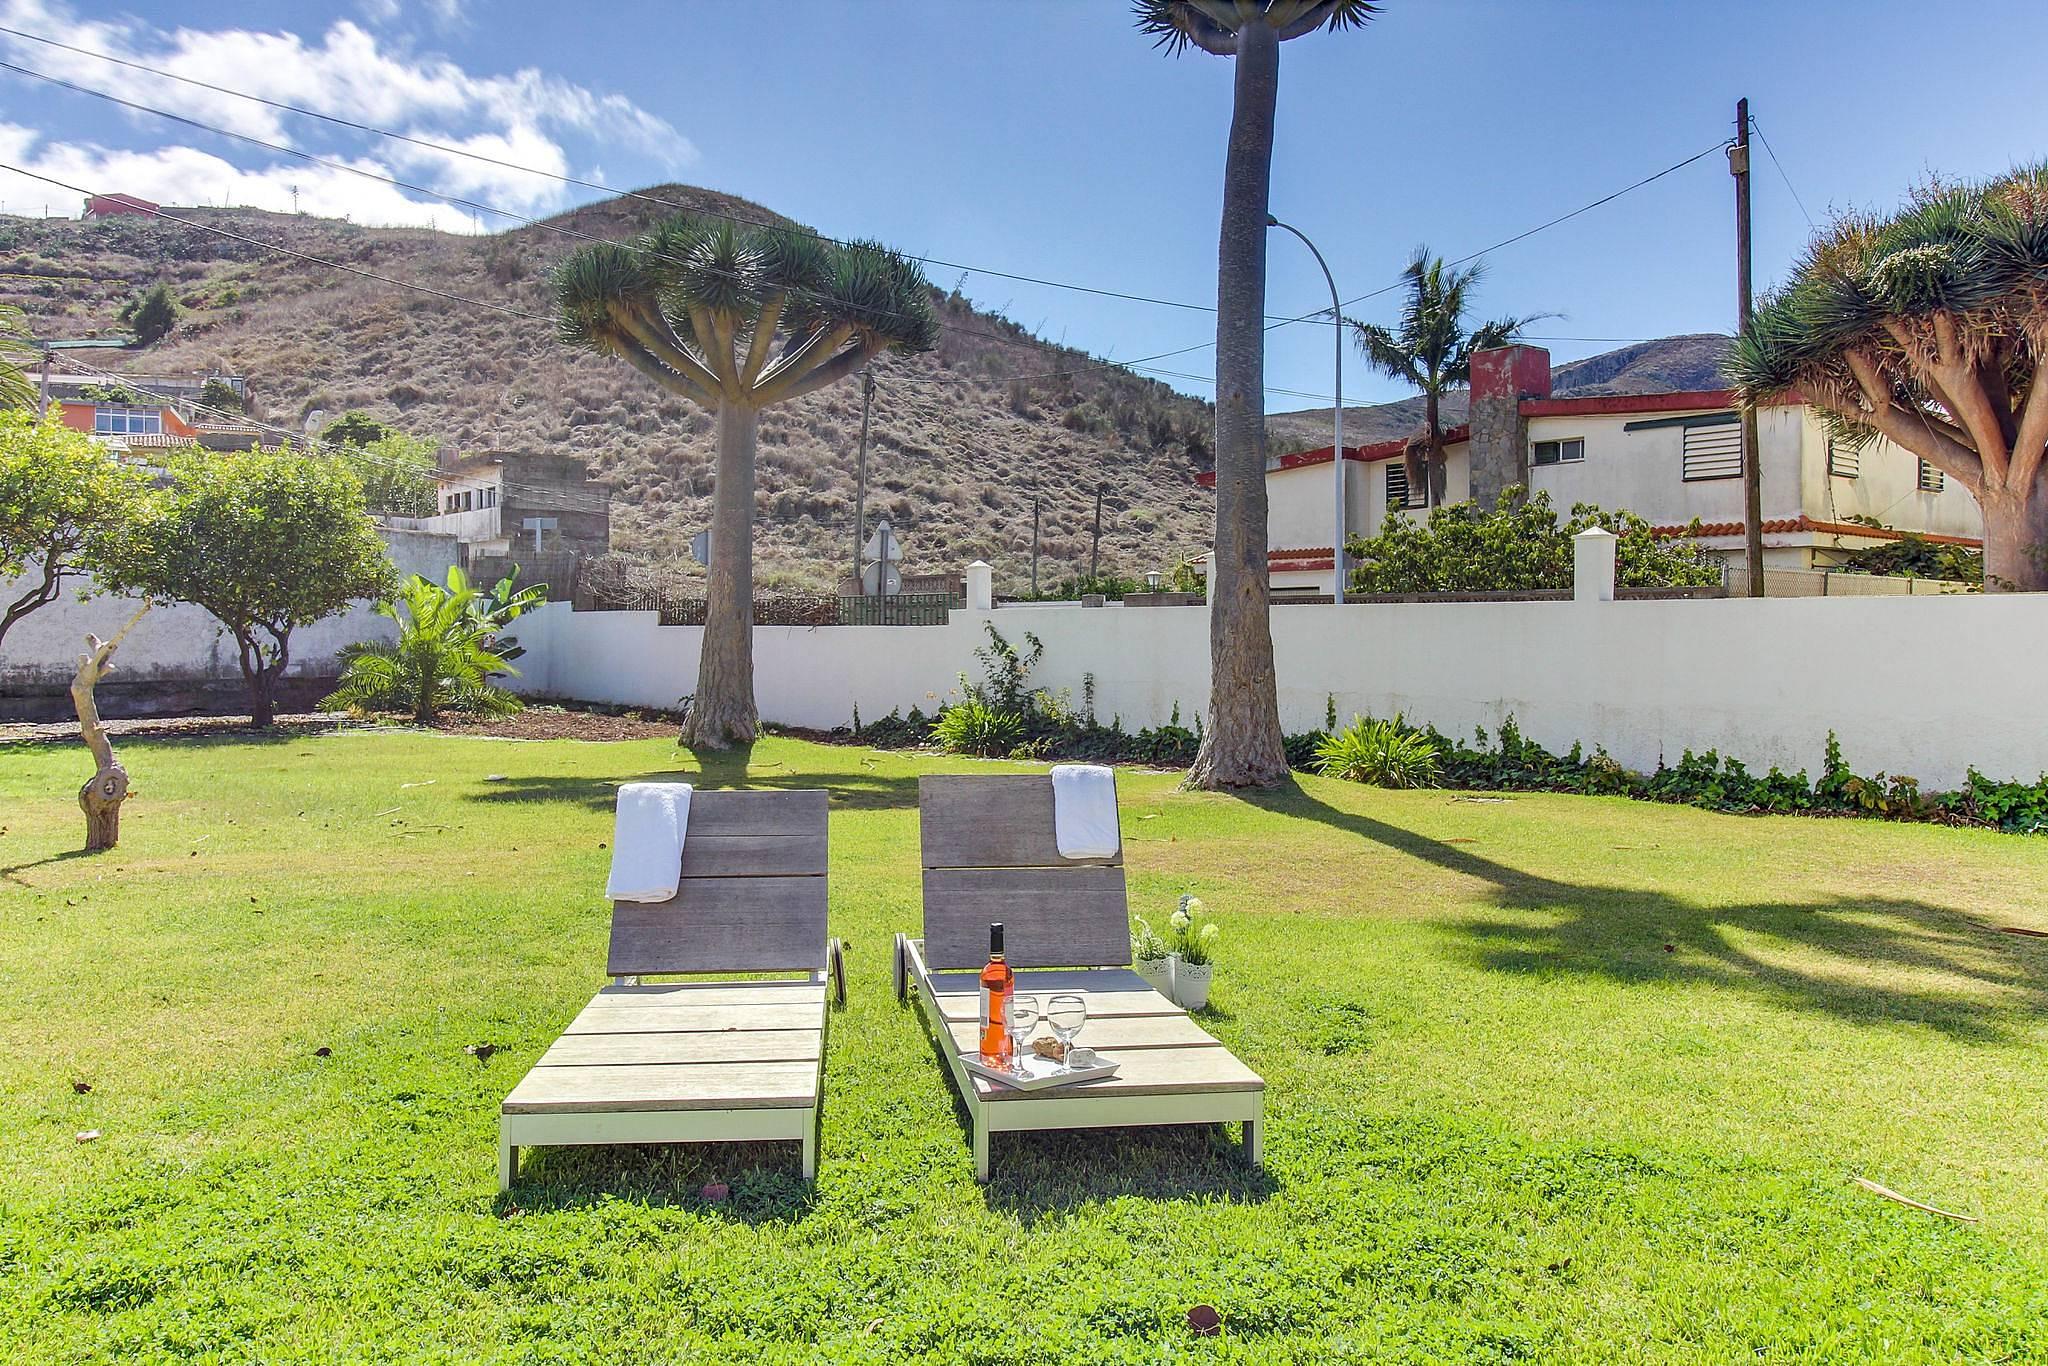 Alquiler vacaciones apartamentos y casas rurales en buenavista del norte tenerife - Casas rurales tenerife norte ...